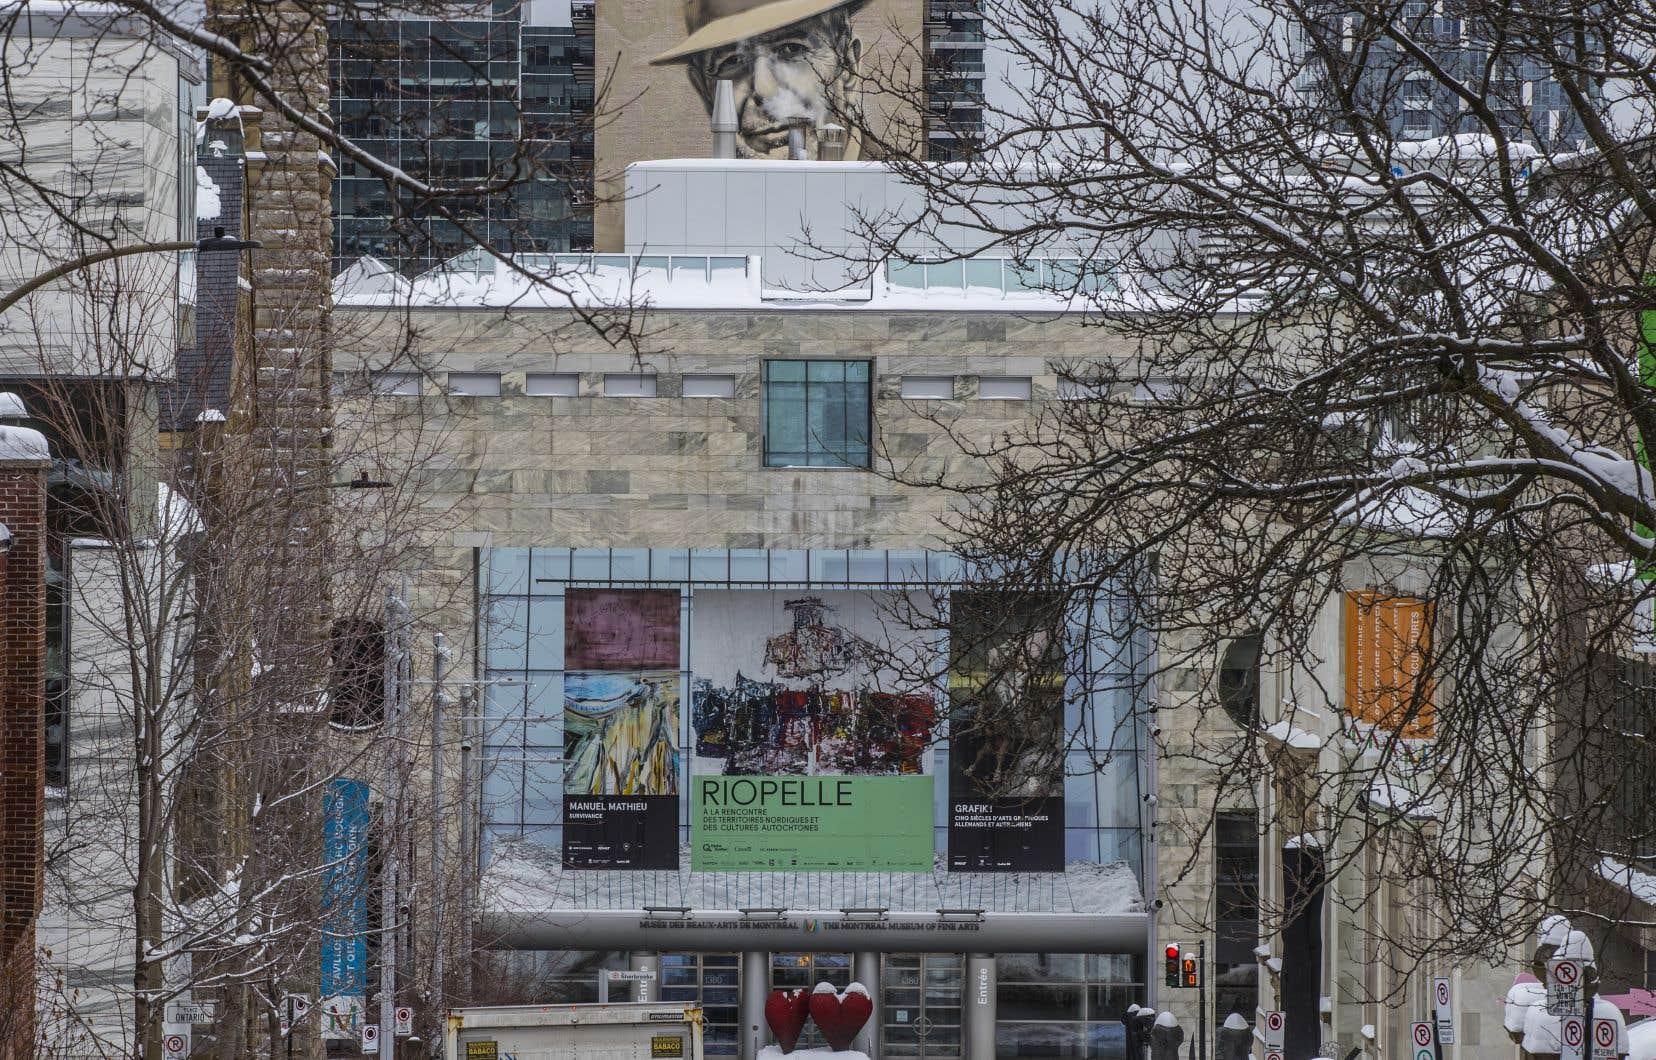 Au Musée des beaux-arts de Montréal, qui a dû annuler l'exposition «Les origines du monde» à cause de la pandémie, et qui a plutôt prolongé Riopelle: à la rencontre des territoires nordiques et des cultures autochtones», on affiche presque complet jusqu'au 2mars, mais on se prépare à ajouter des places.